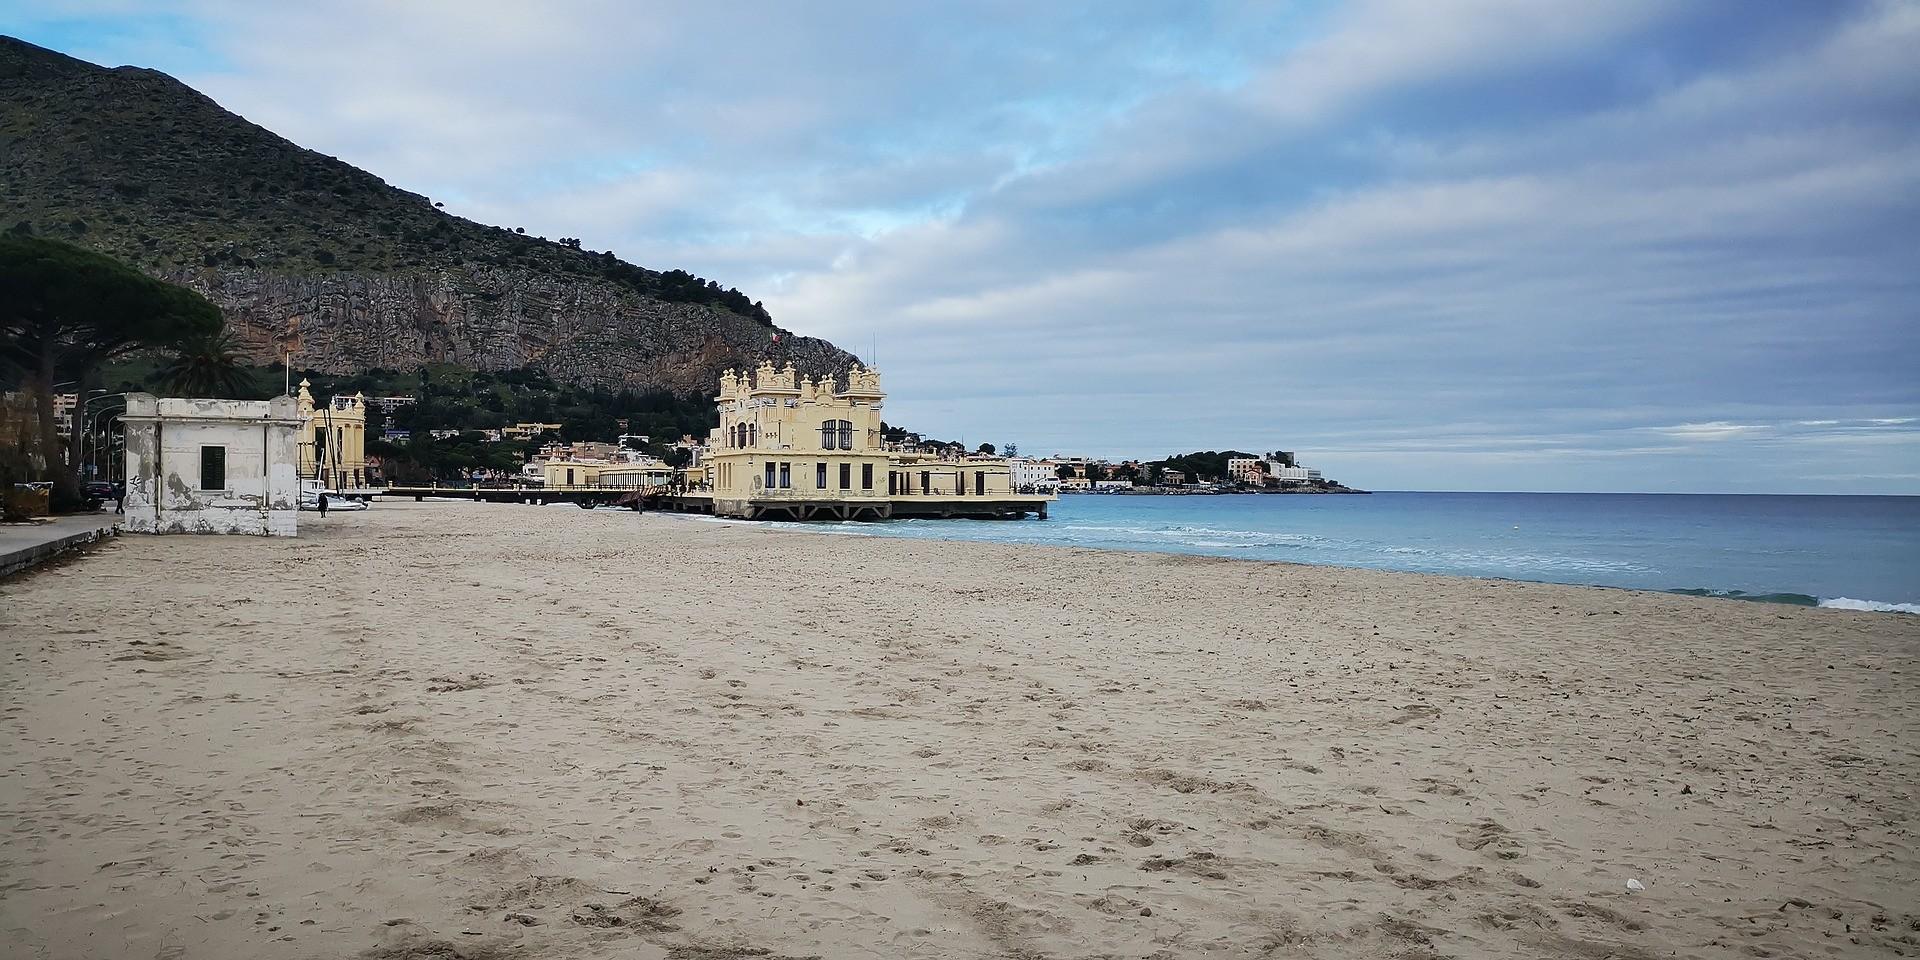 Spiaggia di Mondello - Foto di pierol85